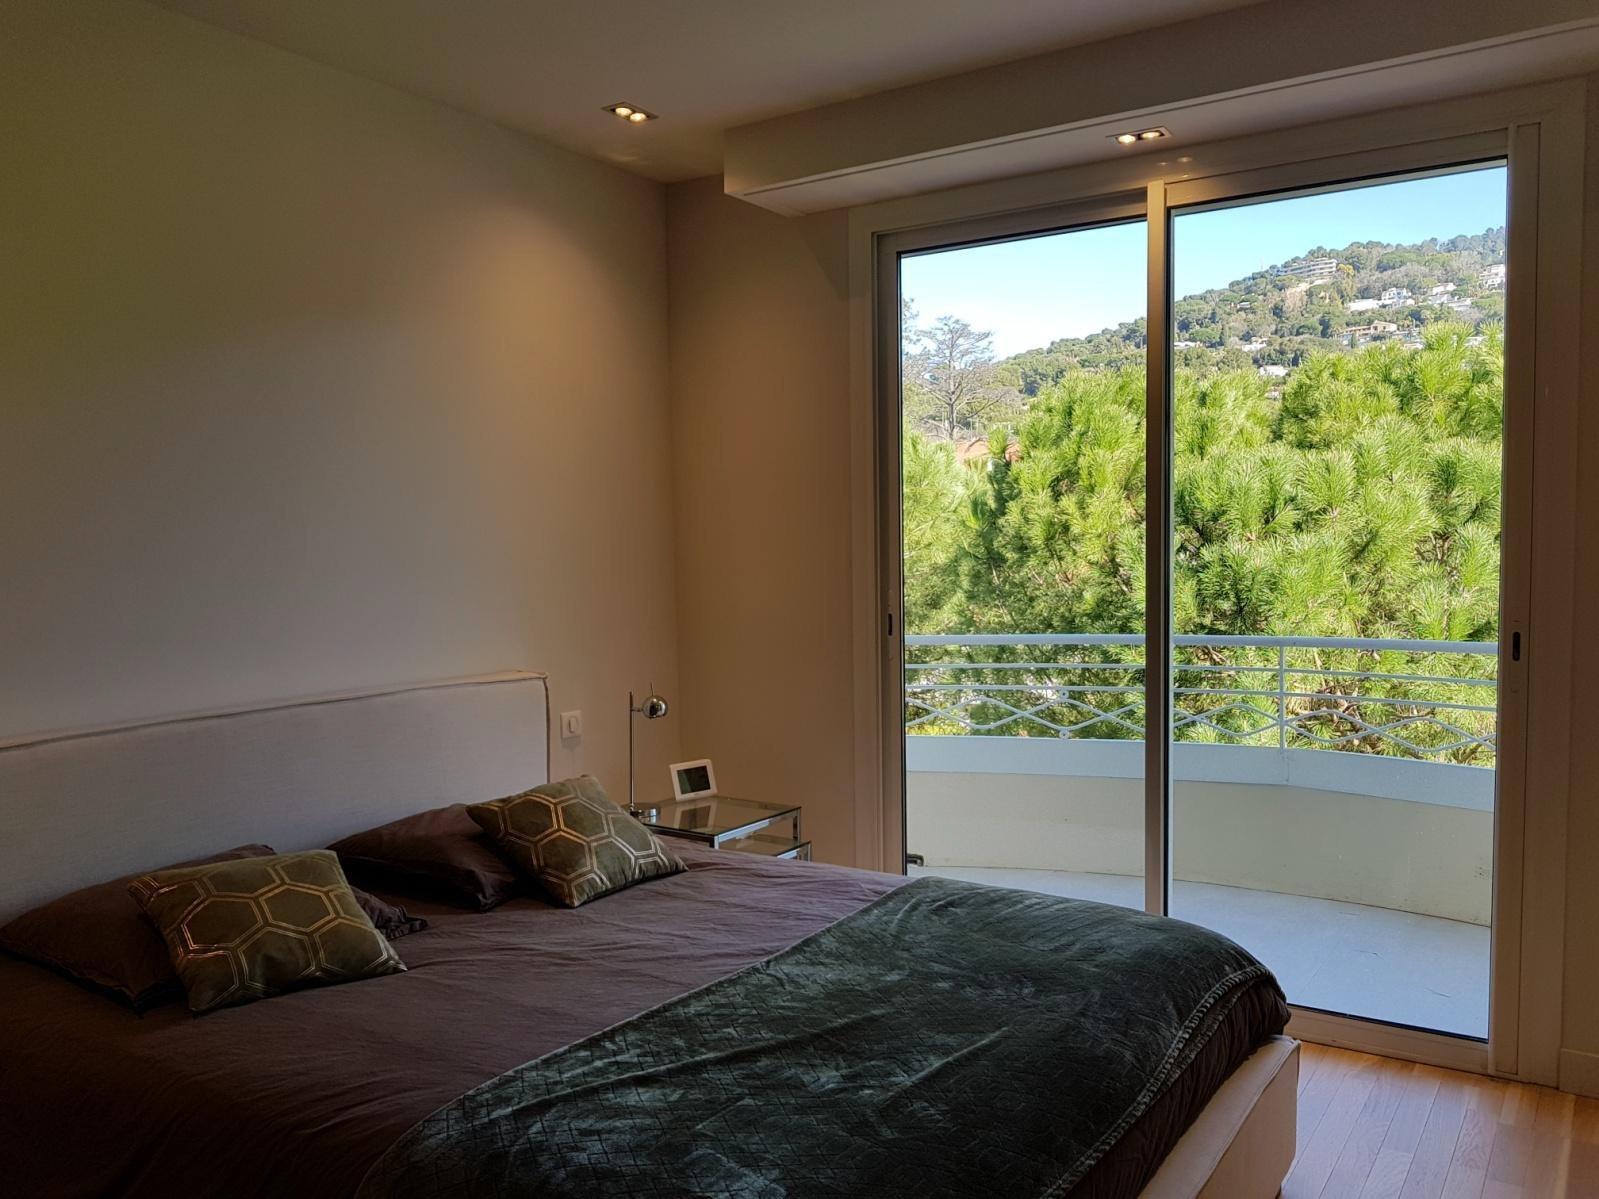 Cannes Californie Montrose - Unique top floor apartment with rooftop terrace